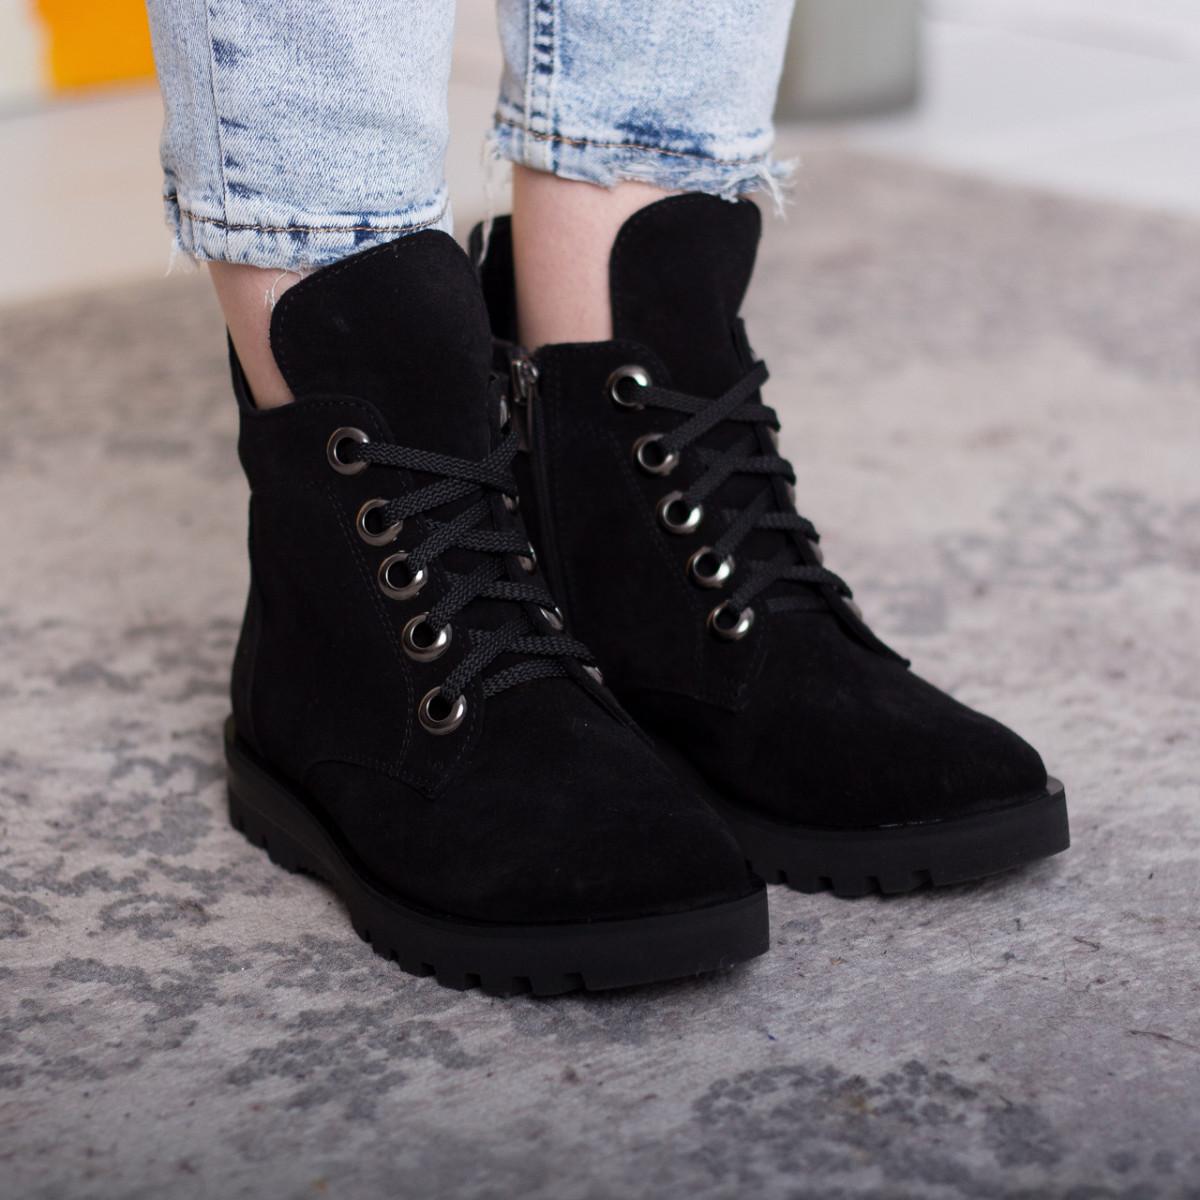 Черевики жіночі Fashion Daaku 2647 36 розмір, 23,5 см Чорний 40